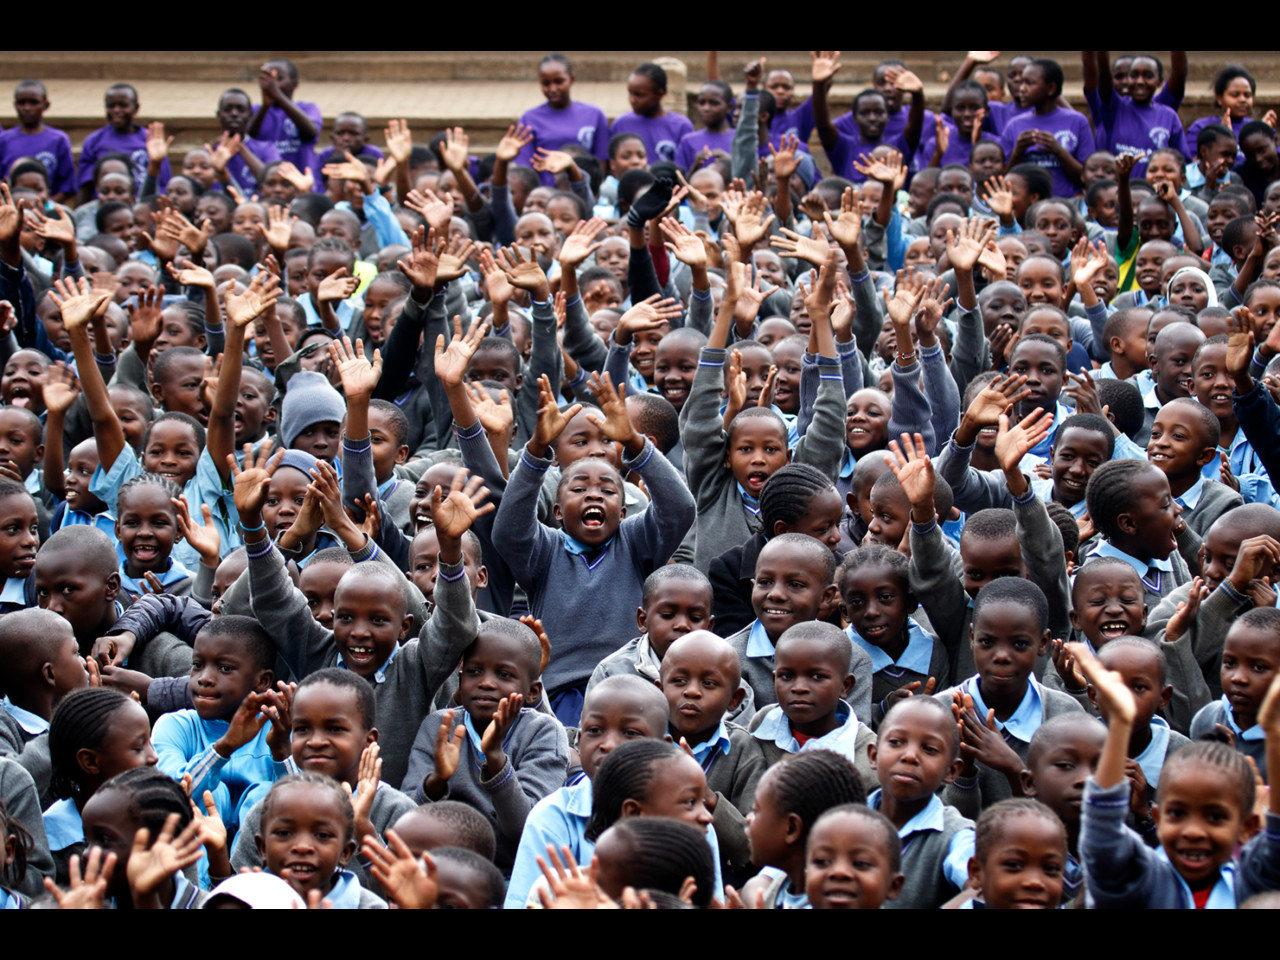 ナイロビ郊外のスラム街にある小学校でシューズ寄贈を実施。1700人の笑顔と会えました。